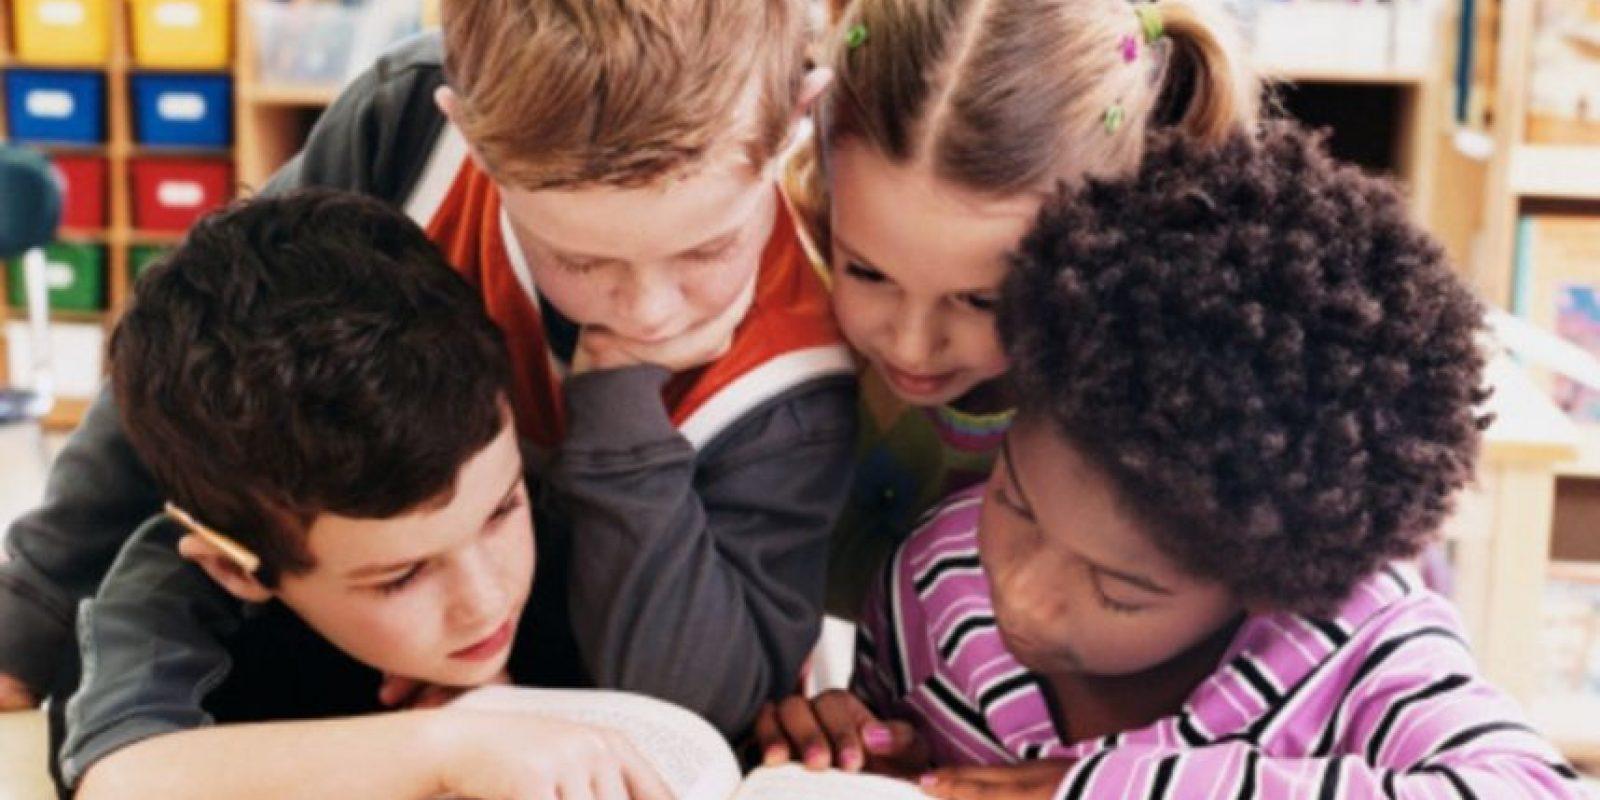 Día 2: Dedicado al libro infantil. El escritor danés Hans Christian Andersen inspiró la creación del Día Internacional del Libro Infantil y es promovido en la actualidad por IBBY (un colectivo internacional de asociaciones y personas interesadas en fomentar la lectura entre los niños y jóvenes). Su creación arriba a 1967, coincidiendo con la fecha del nacimiento del autor, quien escribió más de 150 cuentos infantiles, entre los más conocidos y que permanecen en el recuerdo de varias generaciones: El patito feo, Las zapatillas rojas, El soldadito de plomo, El ruiseñor, La sirenita, Caperucita Roja, Blanca Nieves y los Siete Enanitos, Los Tres Chanchitos, La Cenicienta, Pulgarcito y muchos más Foto:Fuente externa